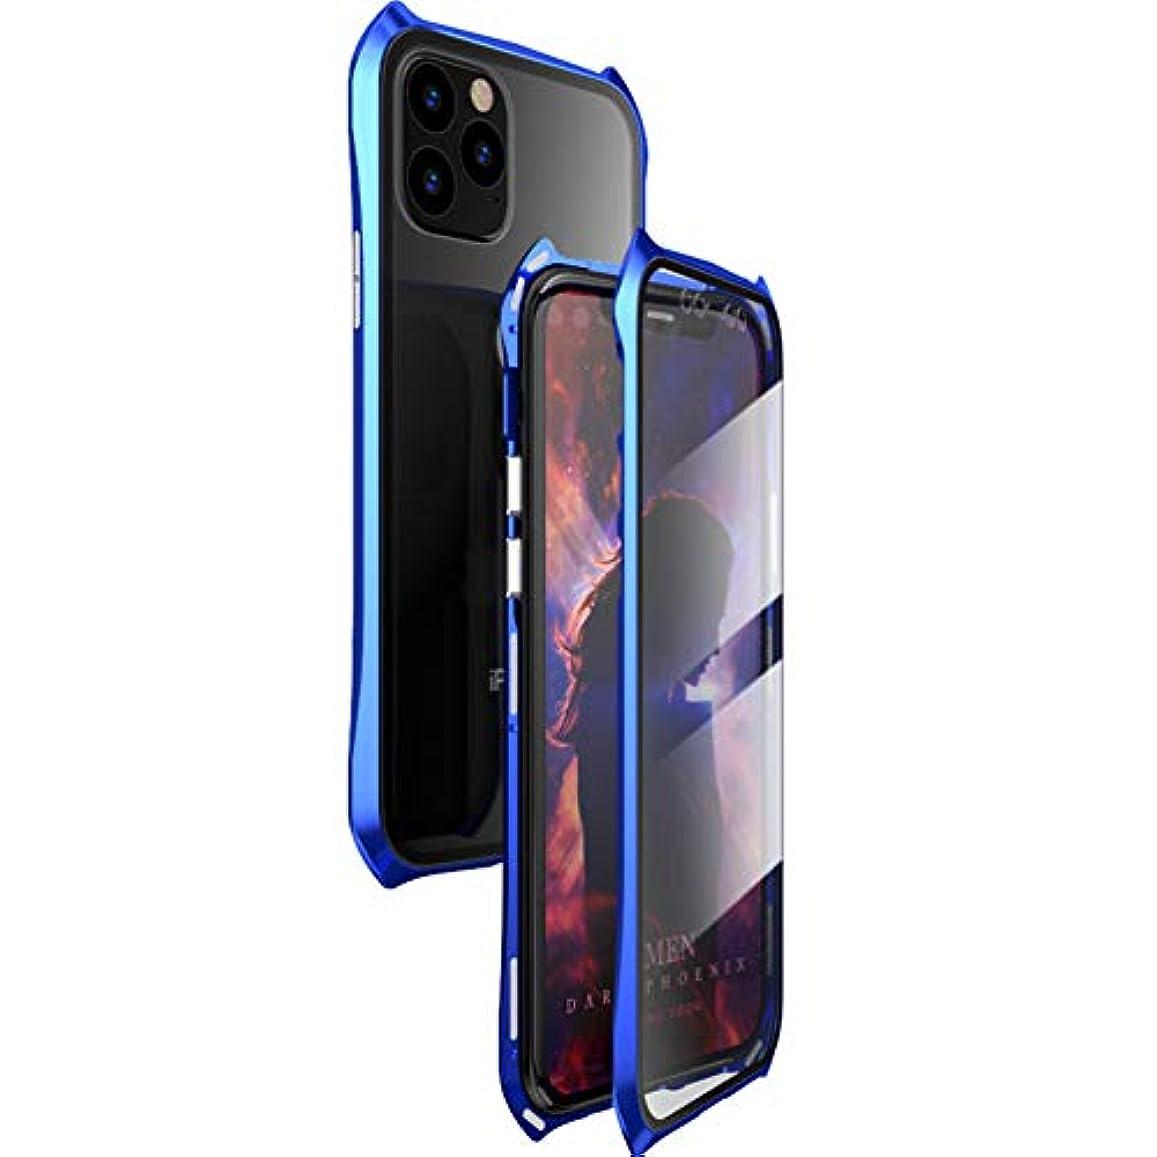 家事リラックスしたトレースIphone 保護カバー - 携帯電話シェル両面ガラス磁気キングアップル11保護カバーオールインクルーシブアンチフォール男性と女性の